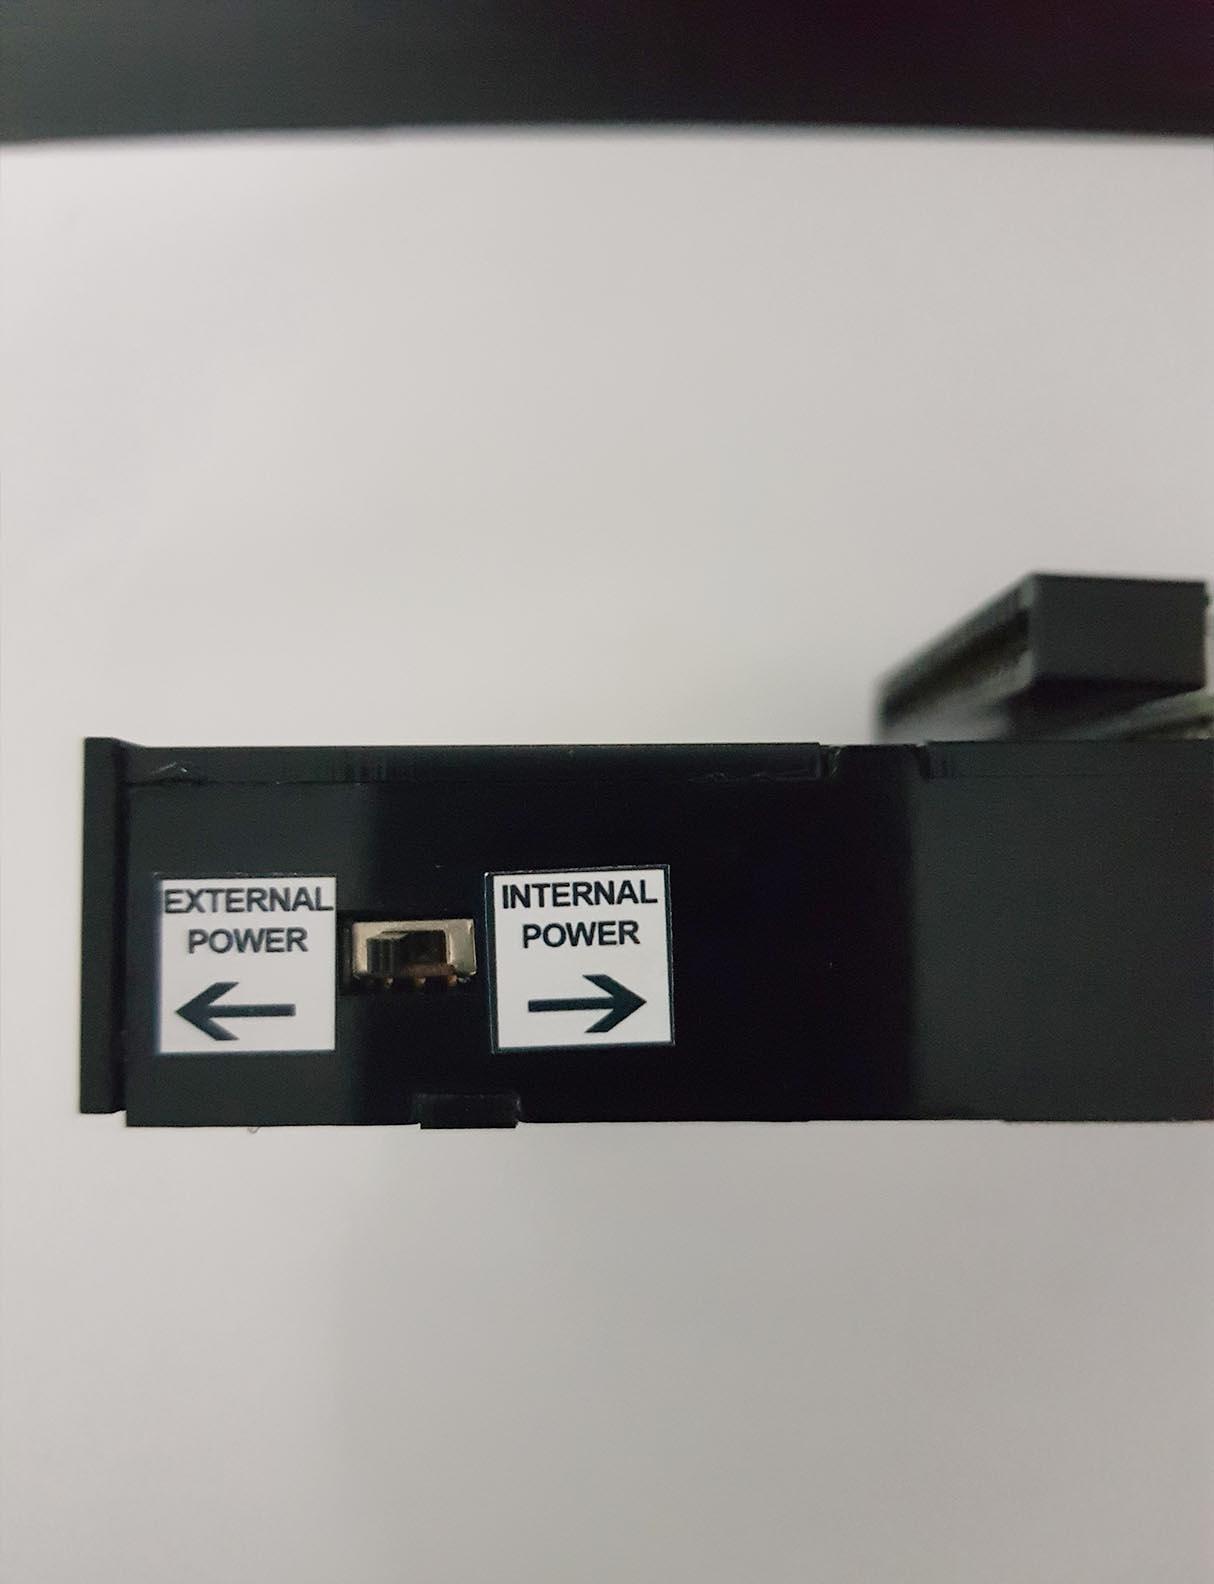 ma-20-label-2 MA-20 Transforme seu MSX1 em um MSX2 via Cartucho